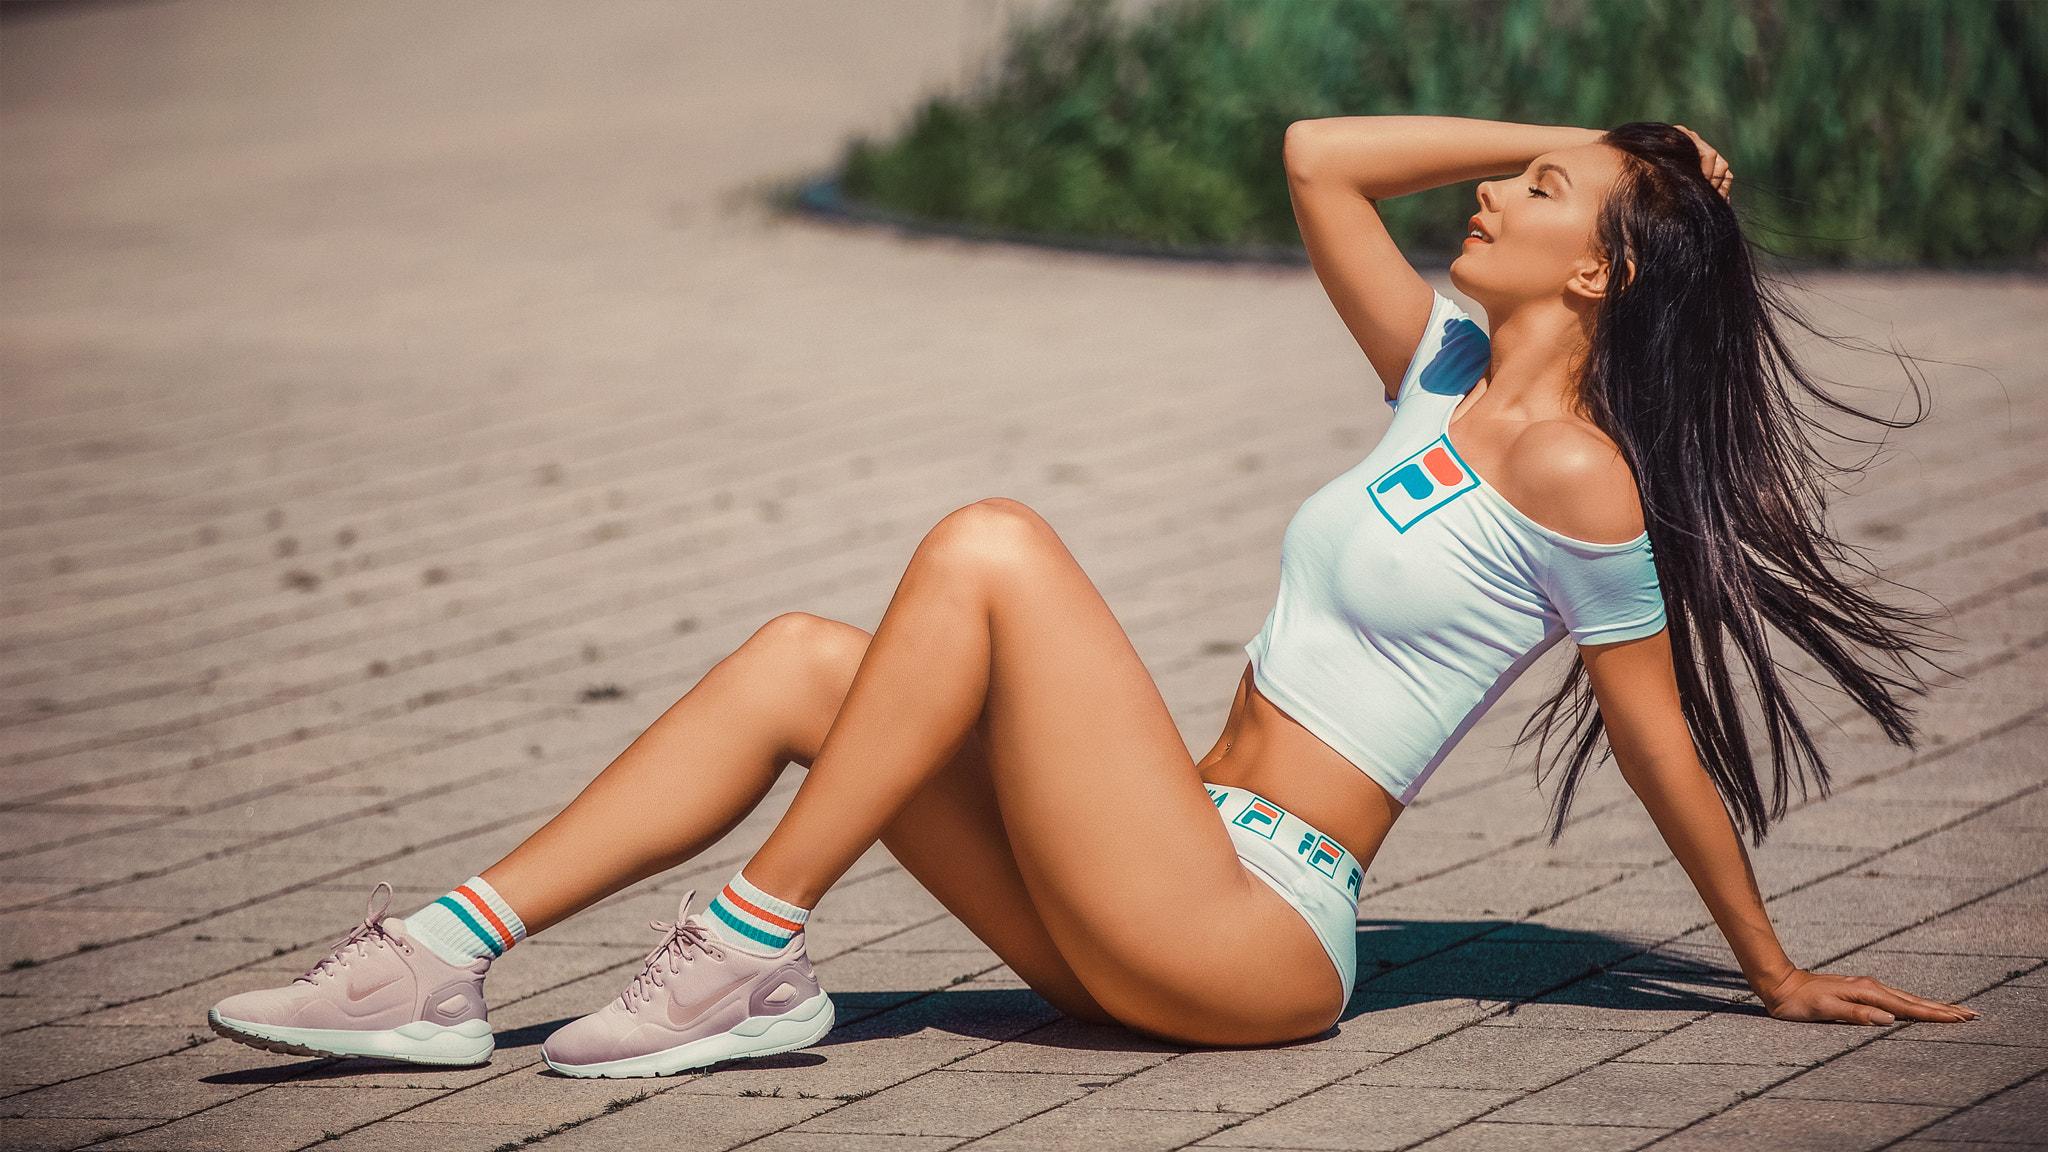 Спортсменка снимает кроссовки, телки танцуют на раздевание